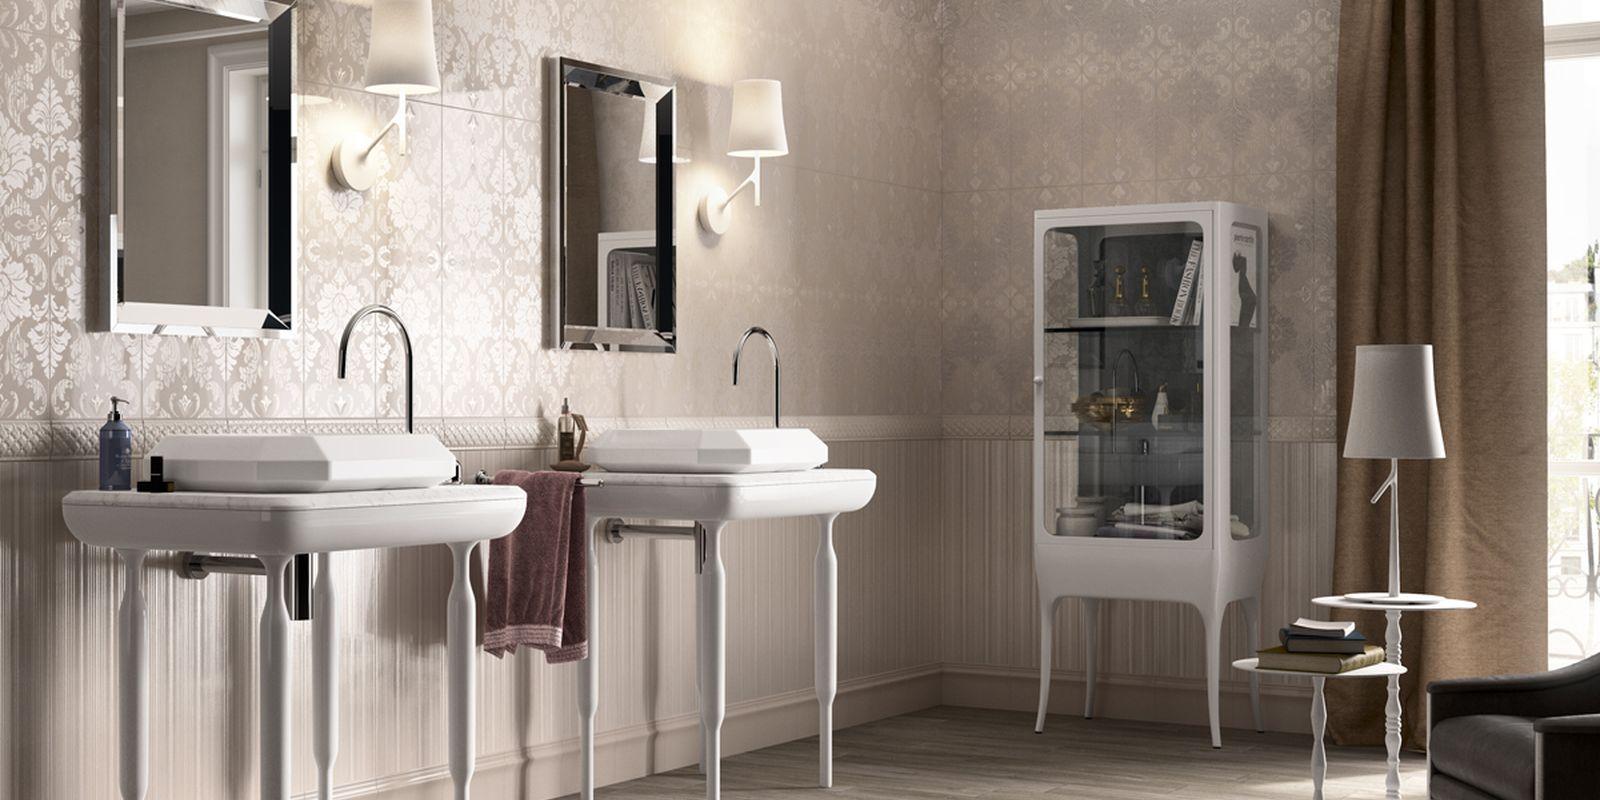 Nuance cooperativa ceramiche d 39 imola rivestimenti gres - Ceramiche bagno classico ...